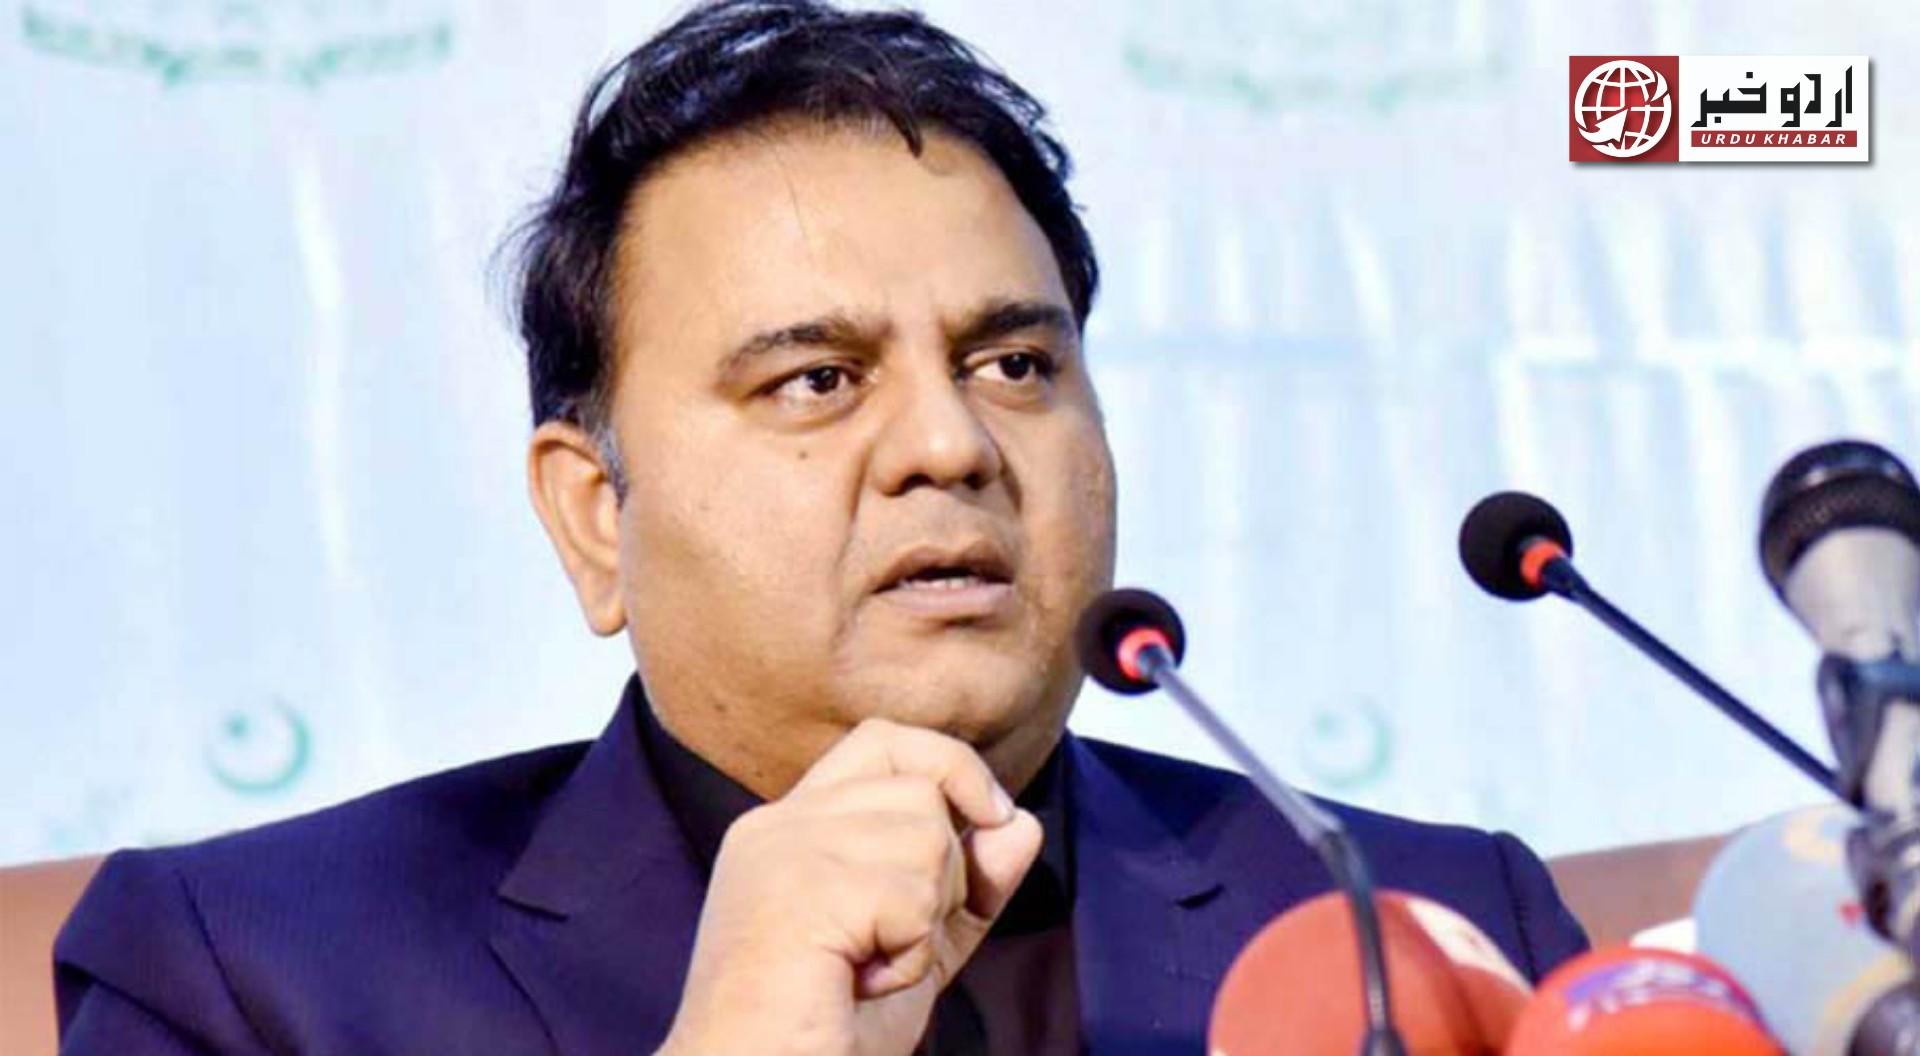 کابینہ میں فواد چوہدری کے بیان پر اپنے ہی ارکان کی سخت تنقید